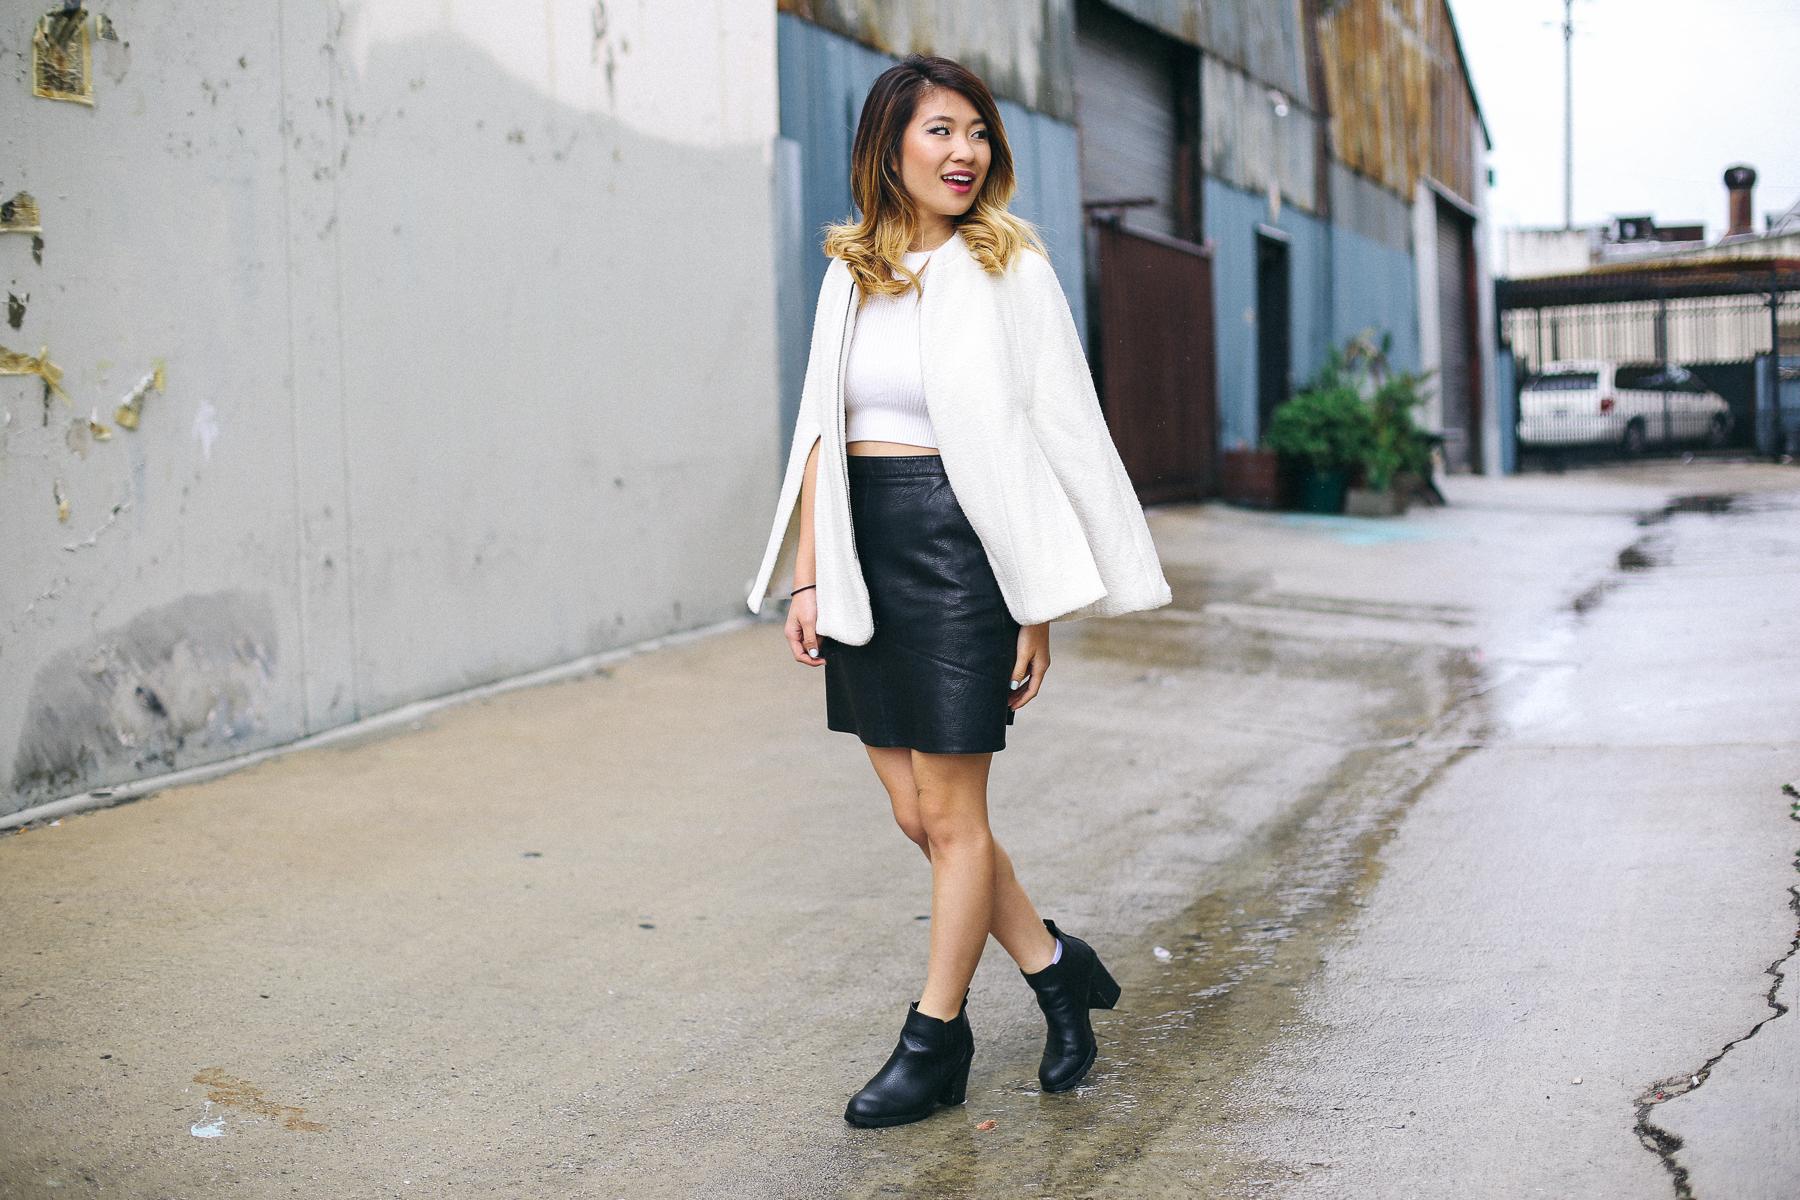 Ally-Chen-Black-Skirt-White-Cape-Jacket-1707.jpg